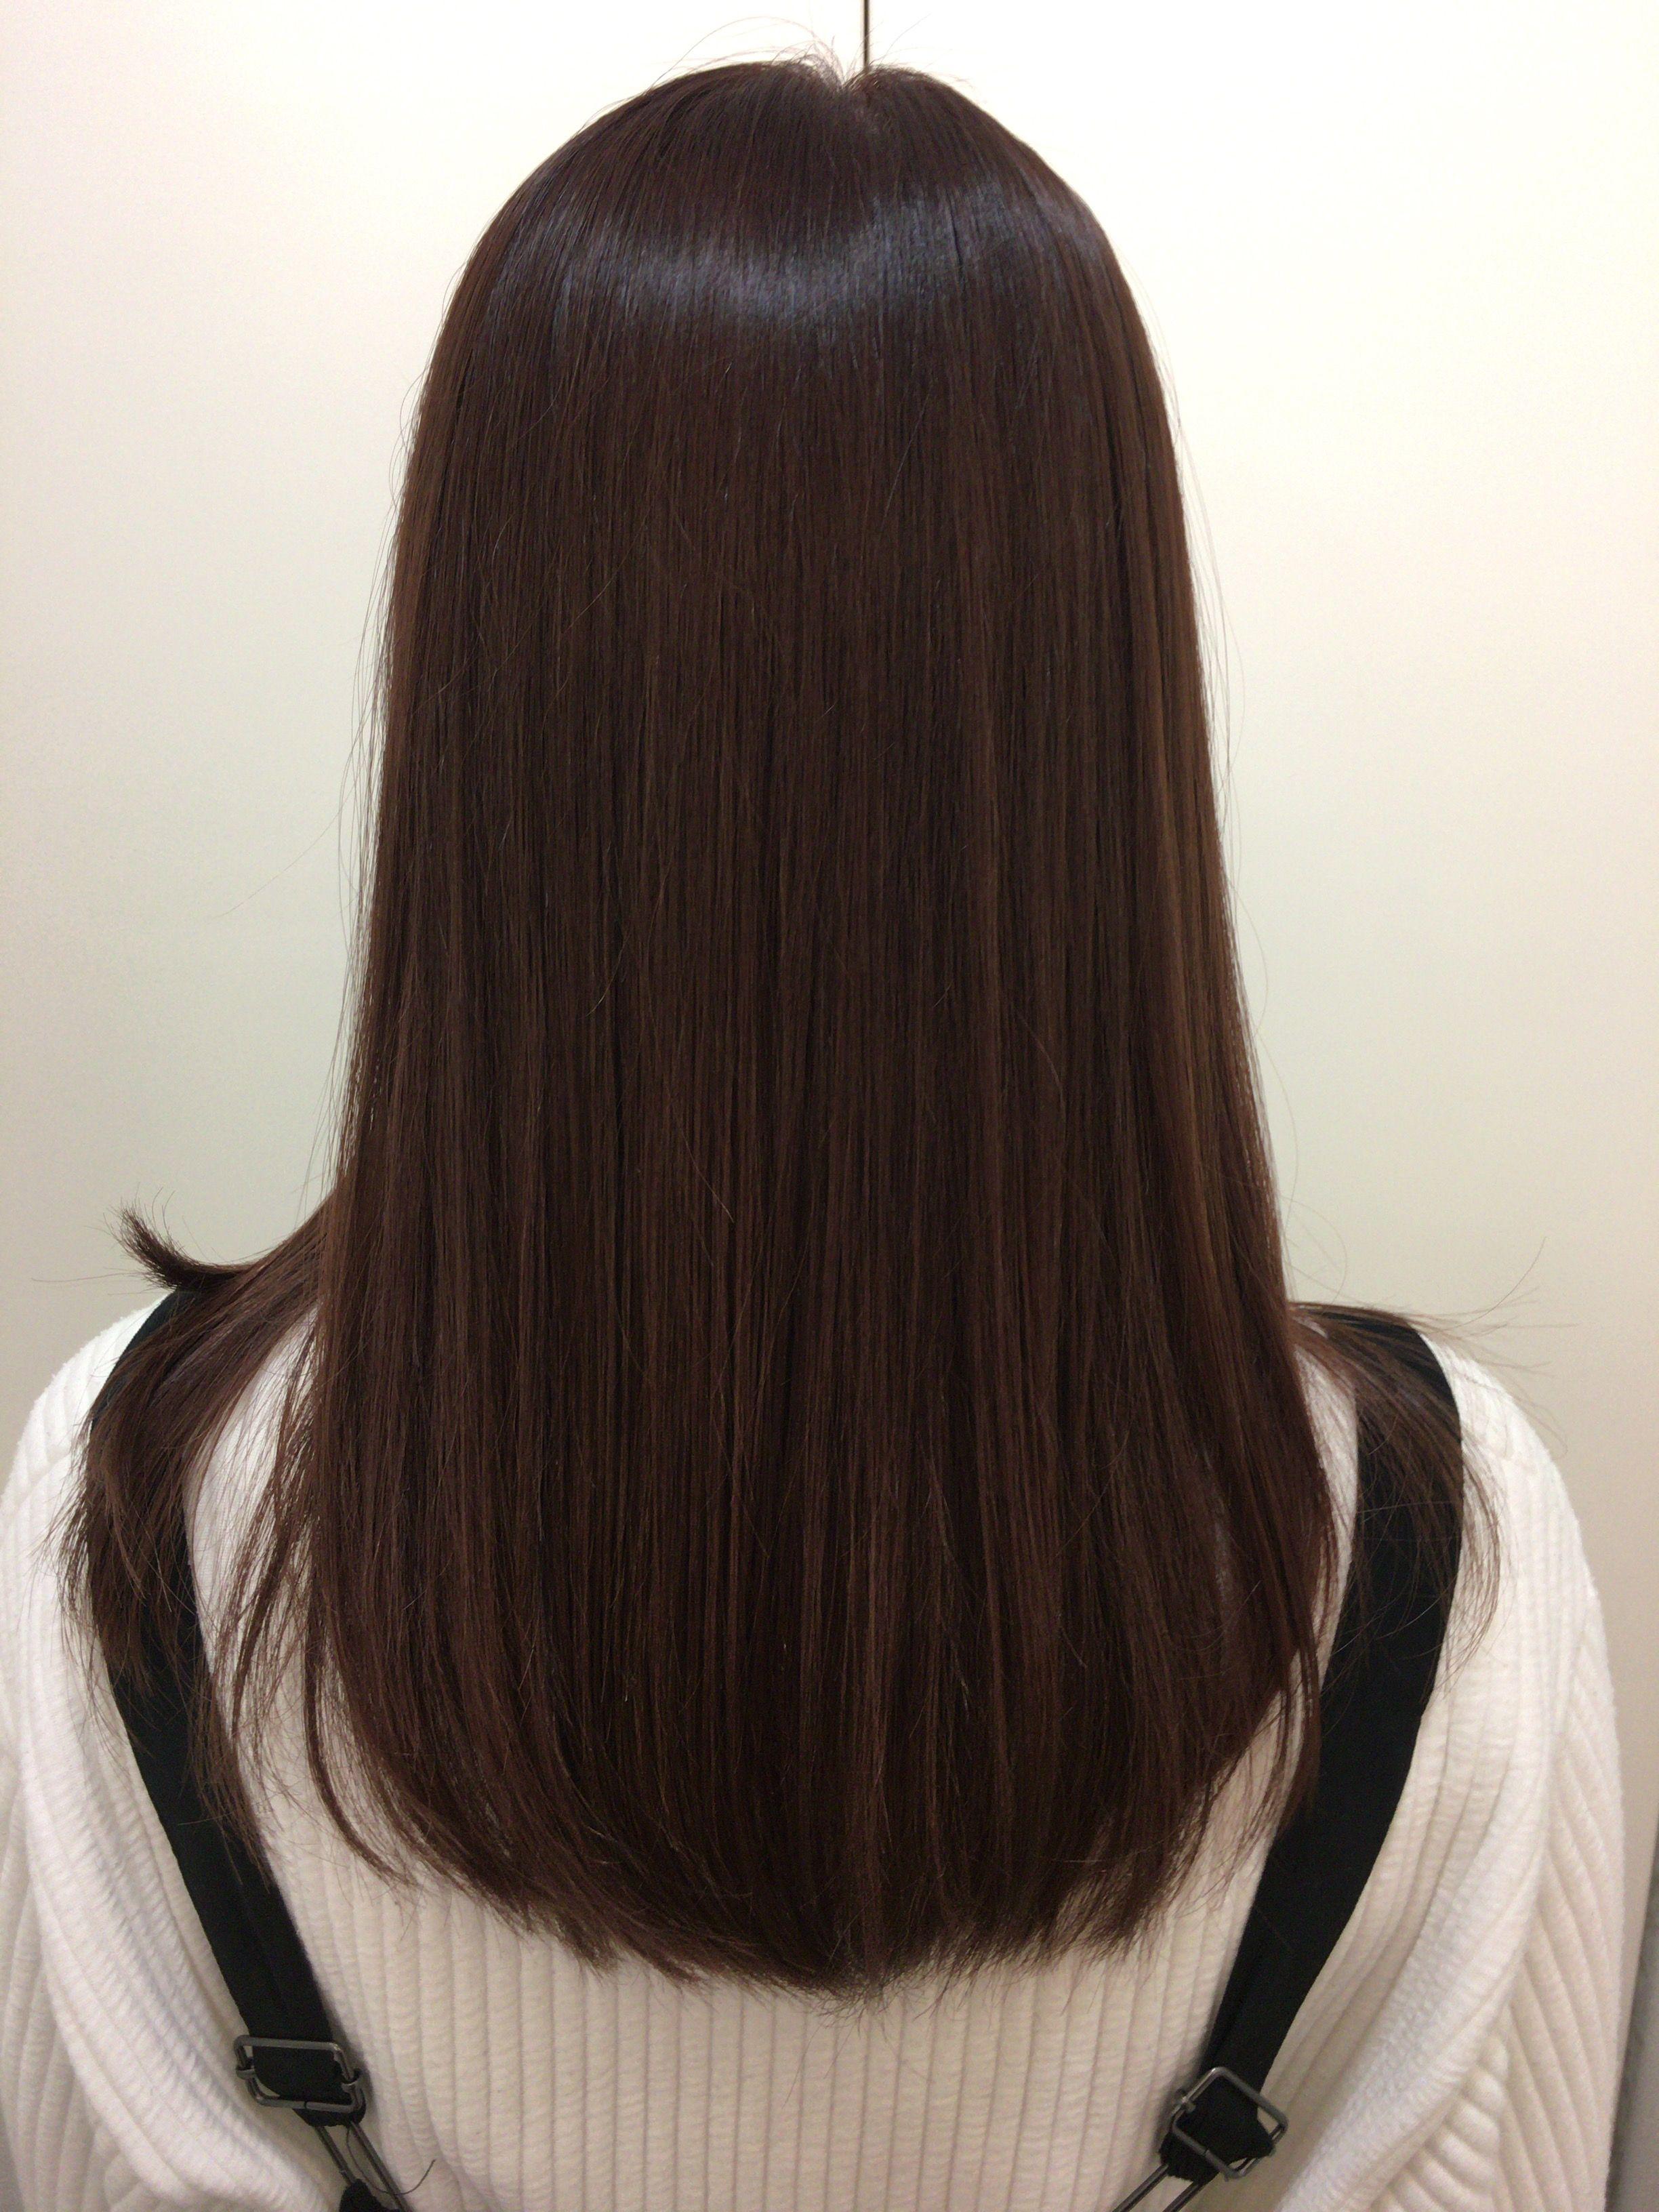 лист собран стрижка на волосы до лопаток фото участник осмысленно размещает